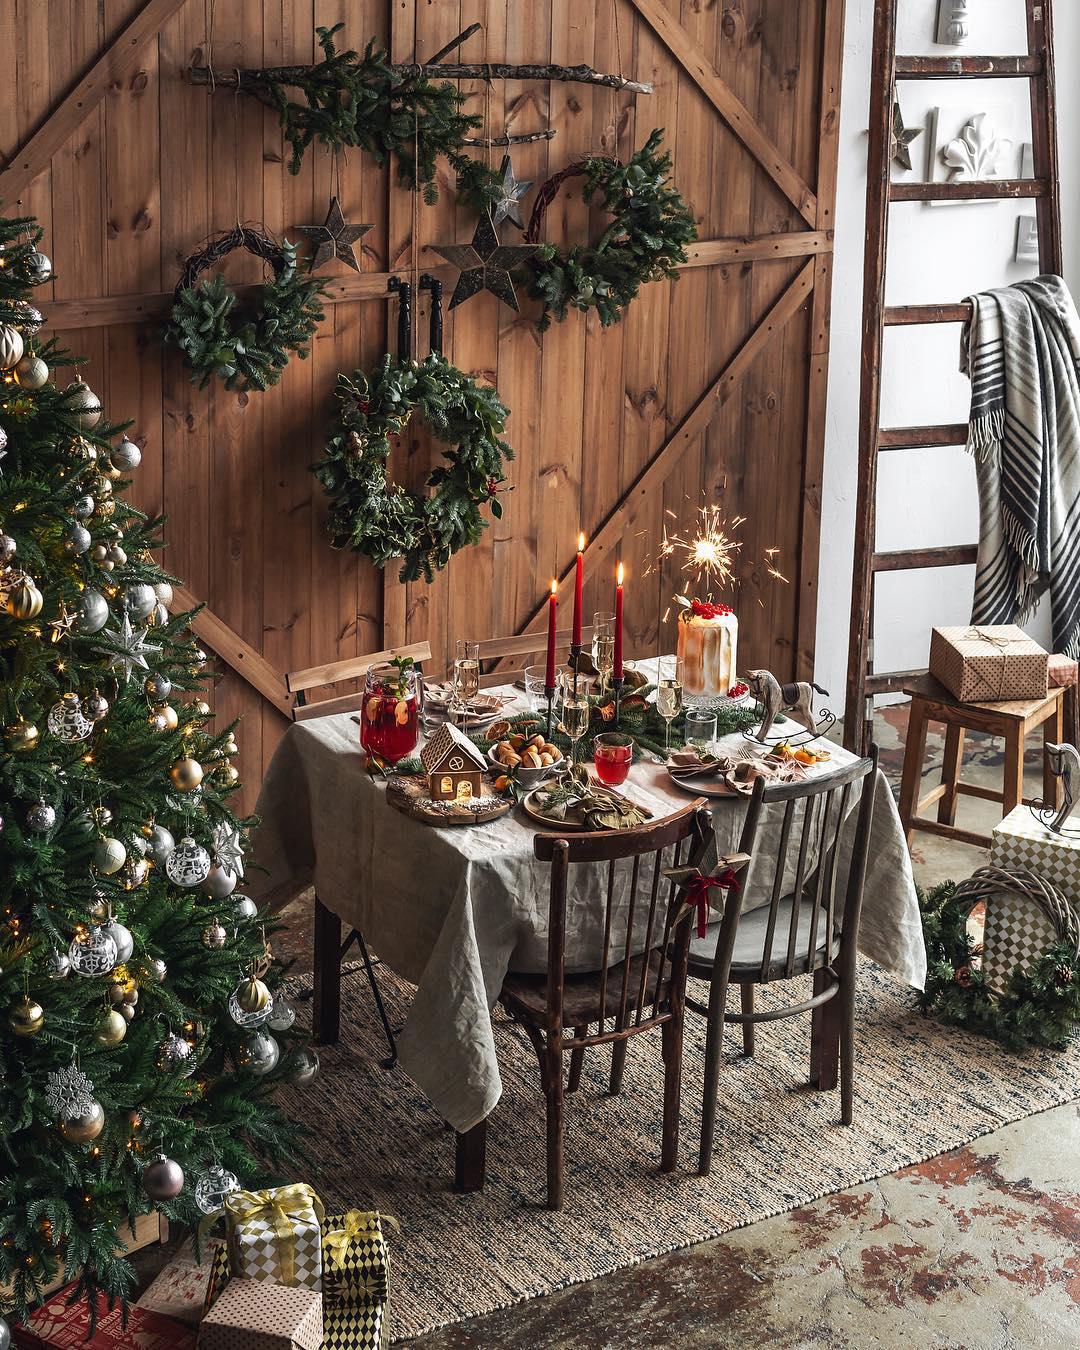 Christmas Holidays | Andrrresky Photography